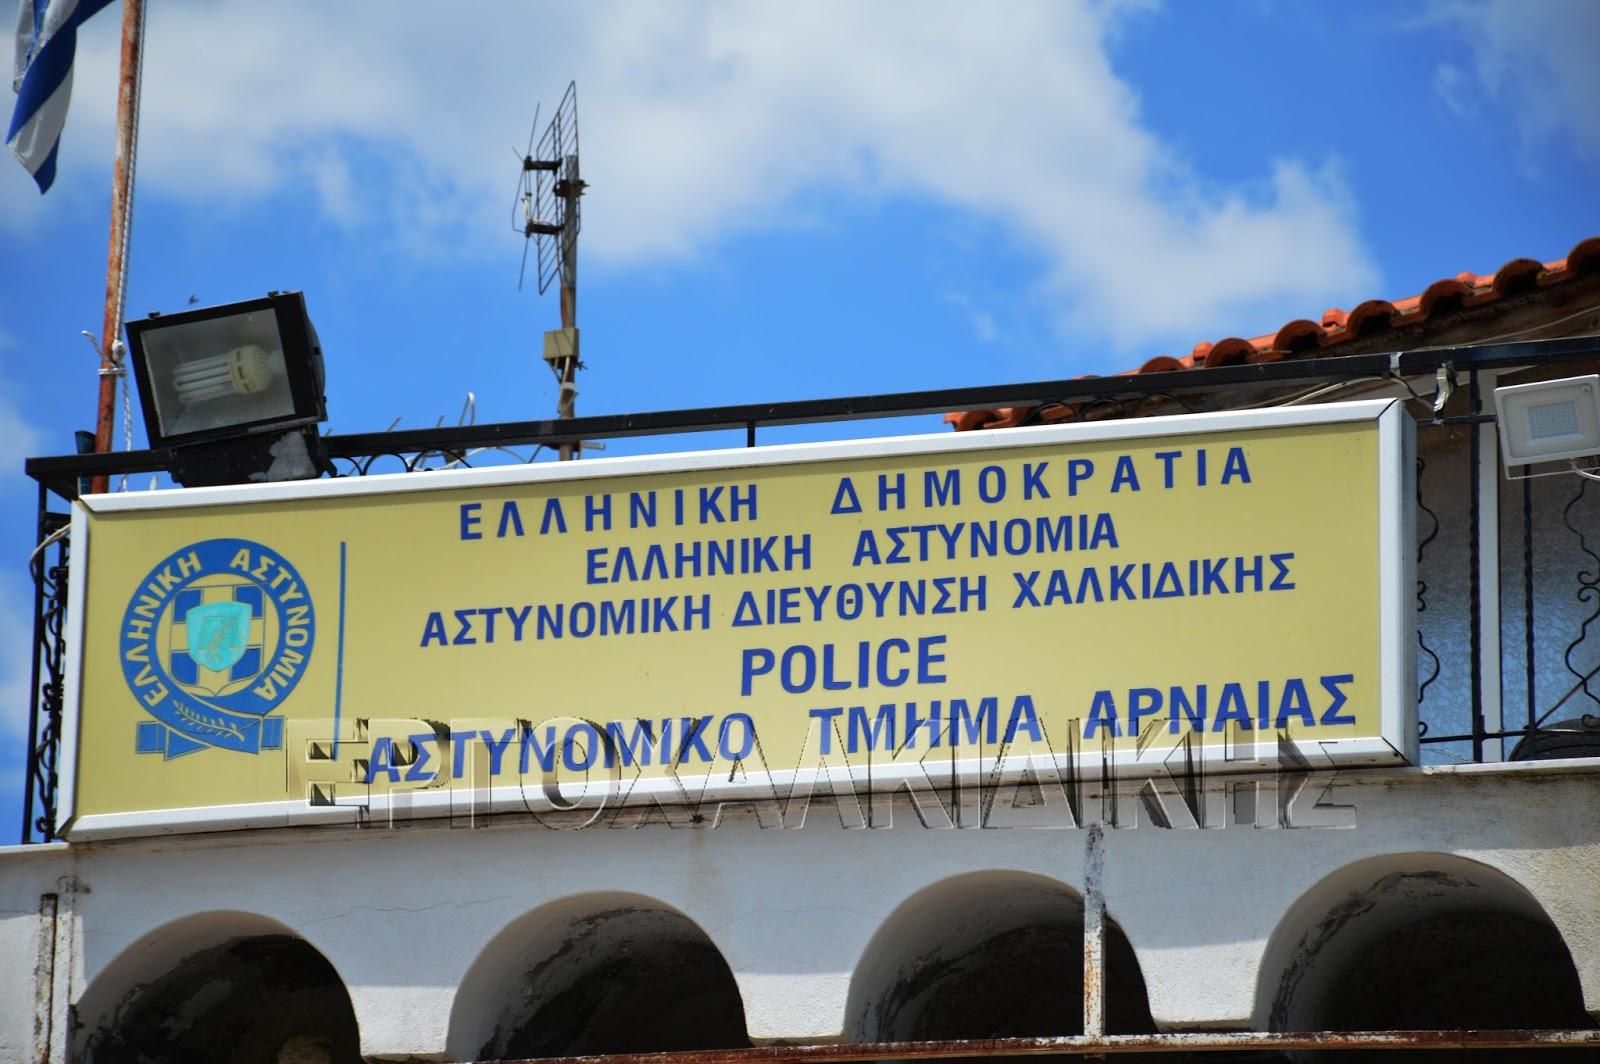 Ακόμη μια επιτυχία των αστυνομικών του Α.Τ. Αρναίας